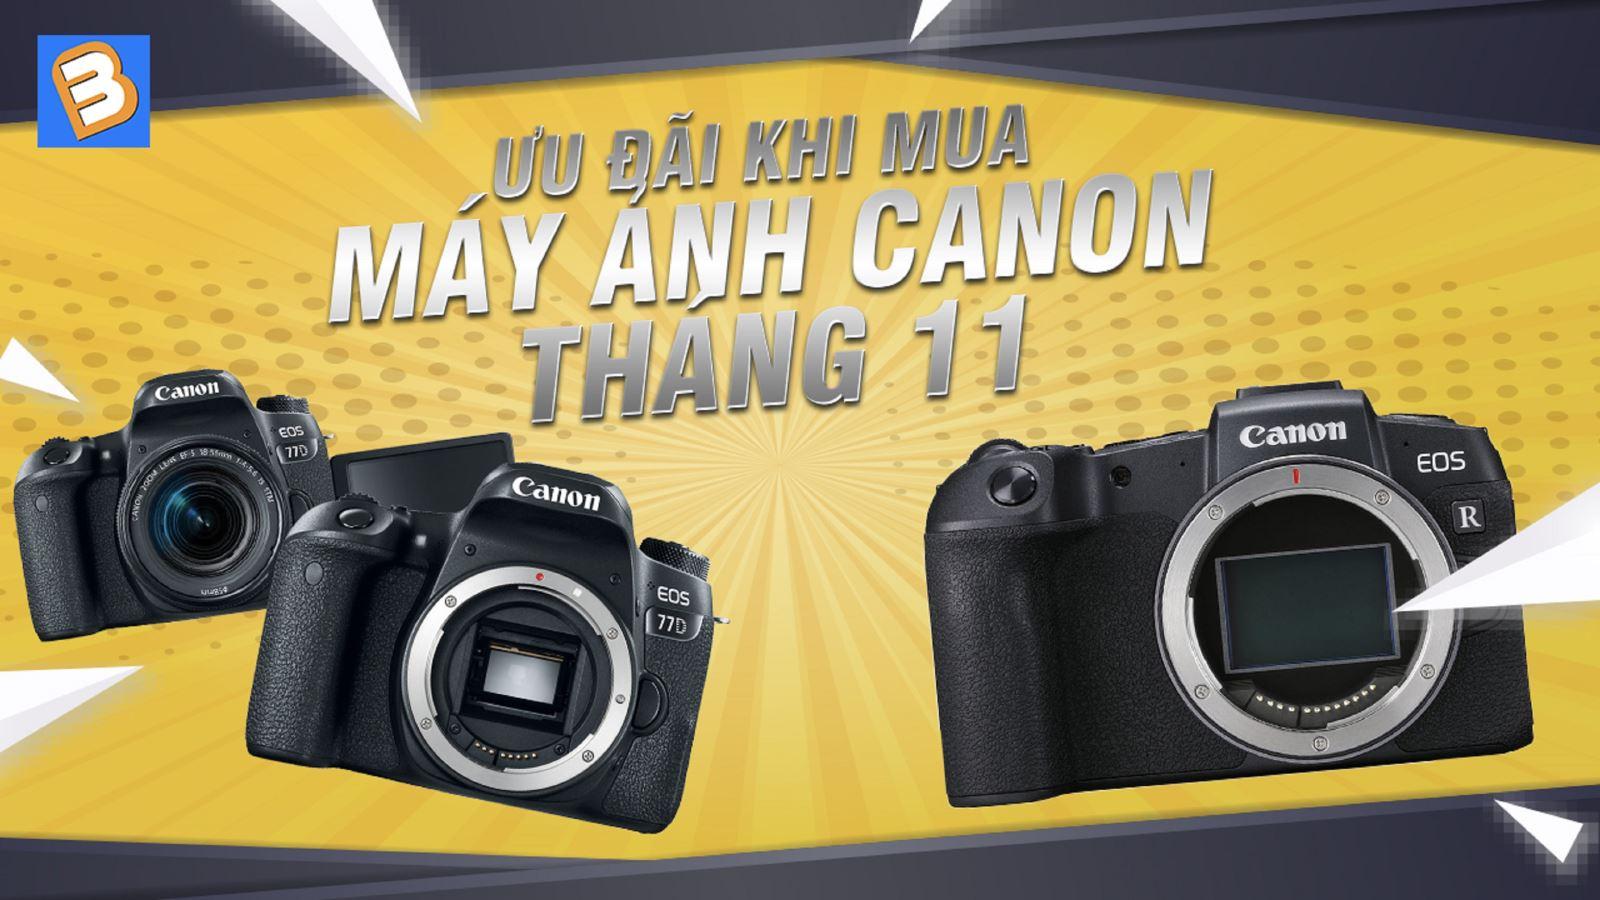 Ưu đãi bất ngờ khi mua máy ảnh Canon tháng 11